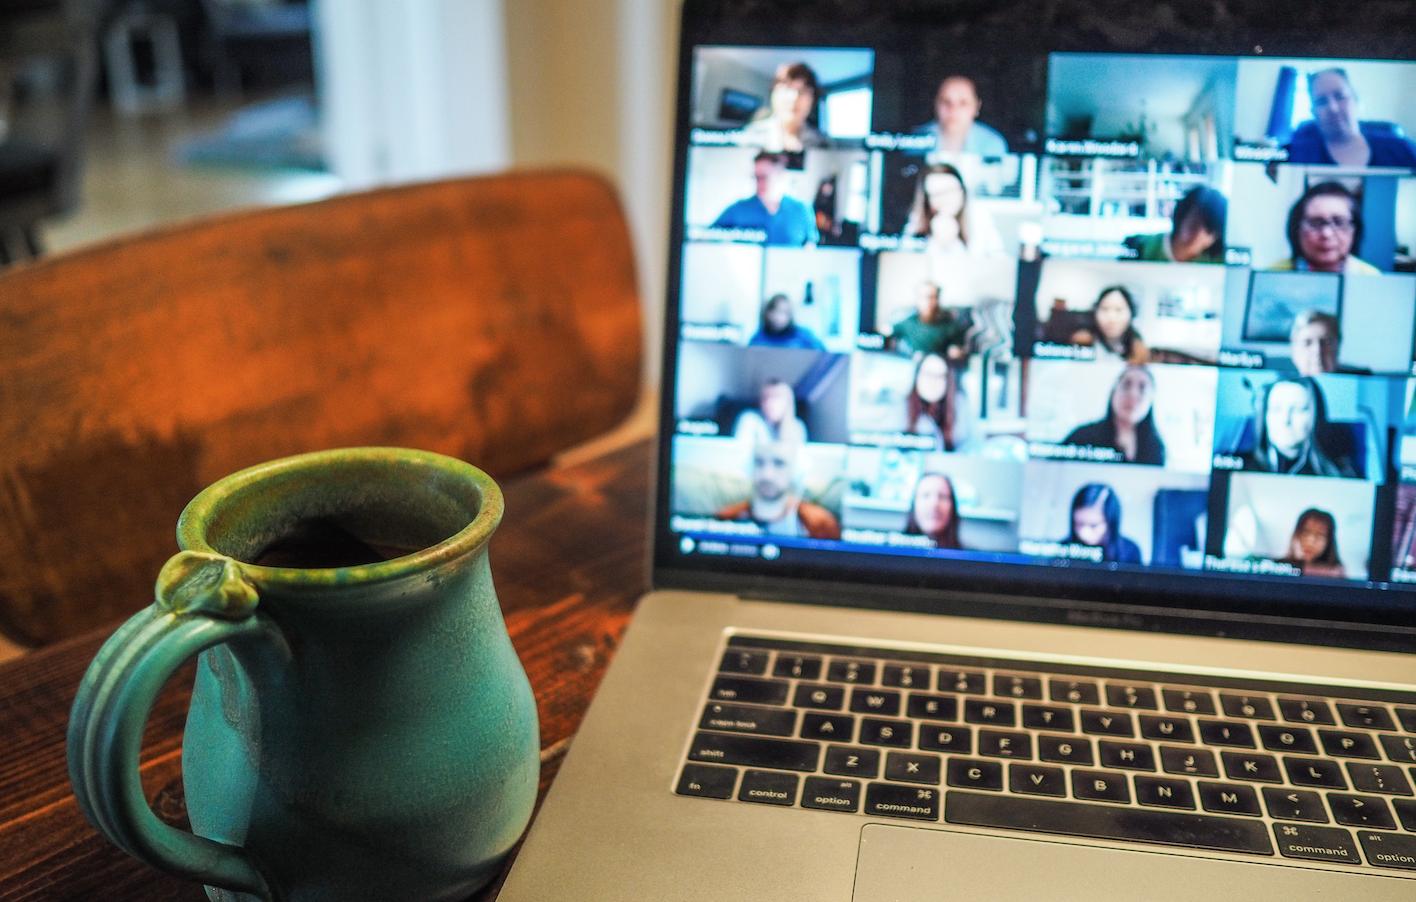 La virtual classroom: un mezzo per supportare la formazione aziendale